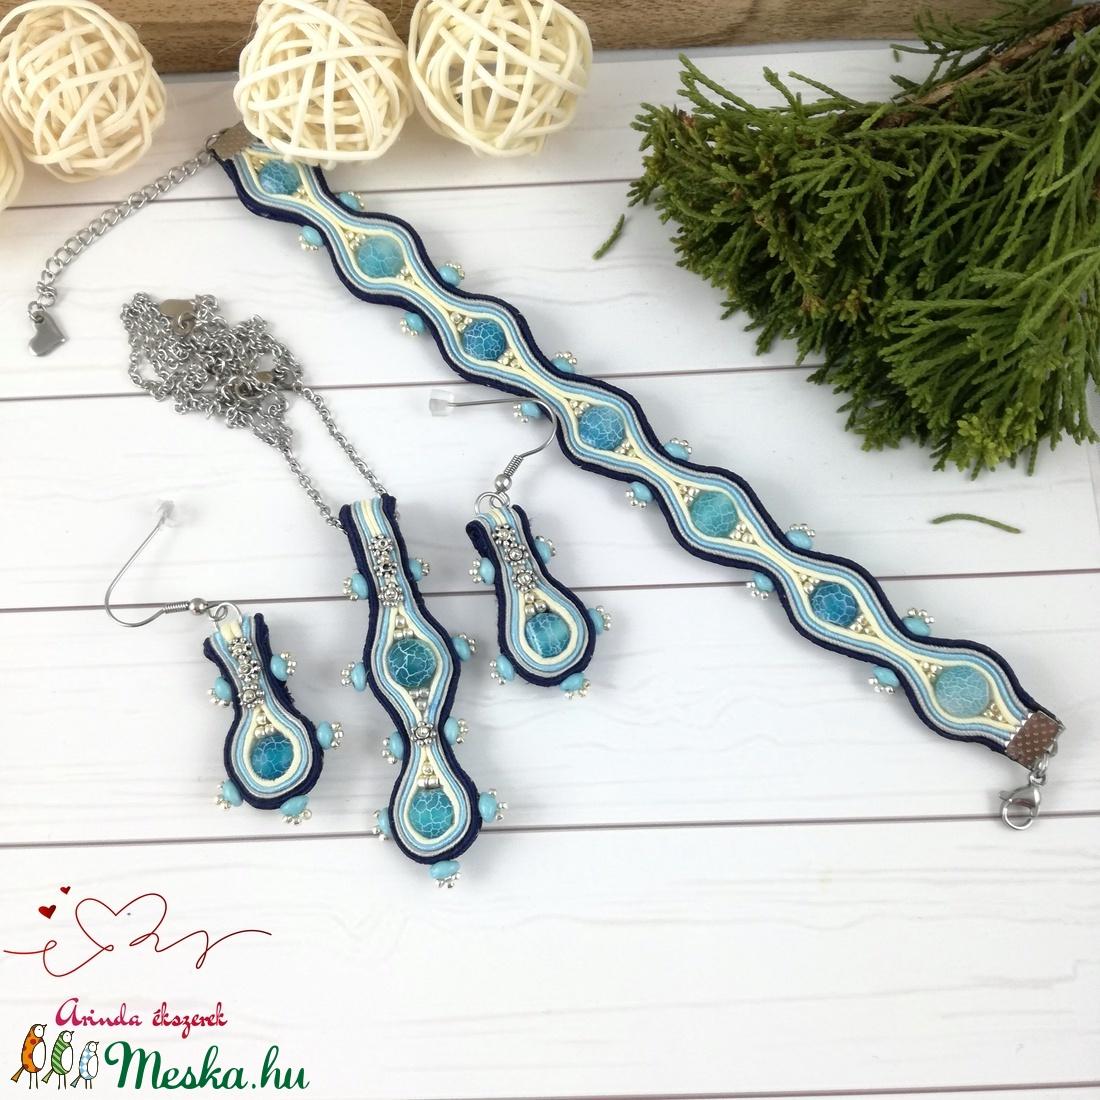 Csipkés kék achát sujtás nyaklánc fülbevaló karkötő szett esküvőre koszorúslány menyecske örömanya násznagy ünnepi - ékszer - ékszerszett - Meska.hu